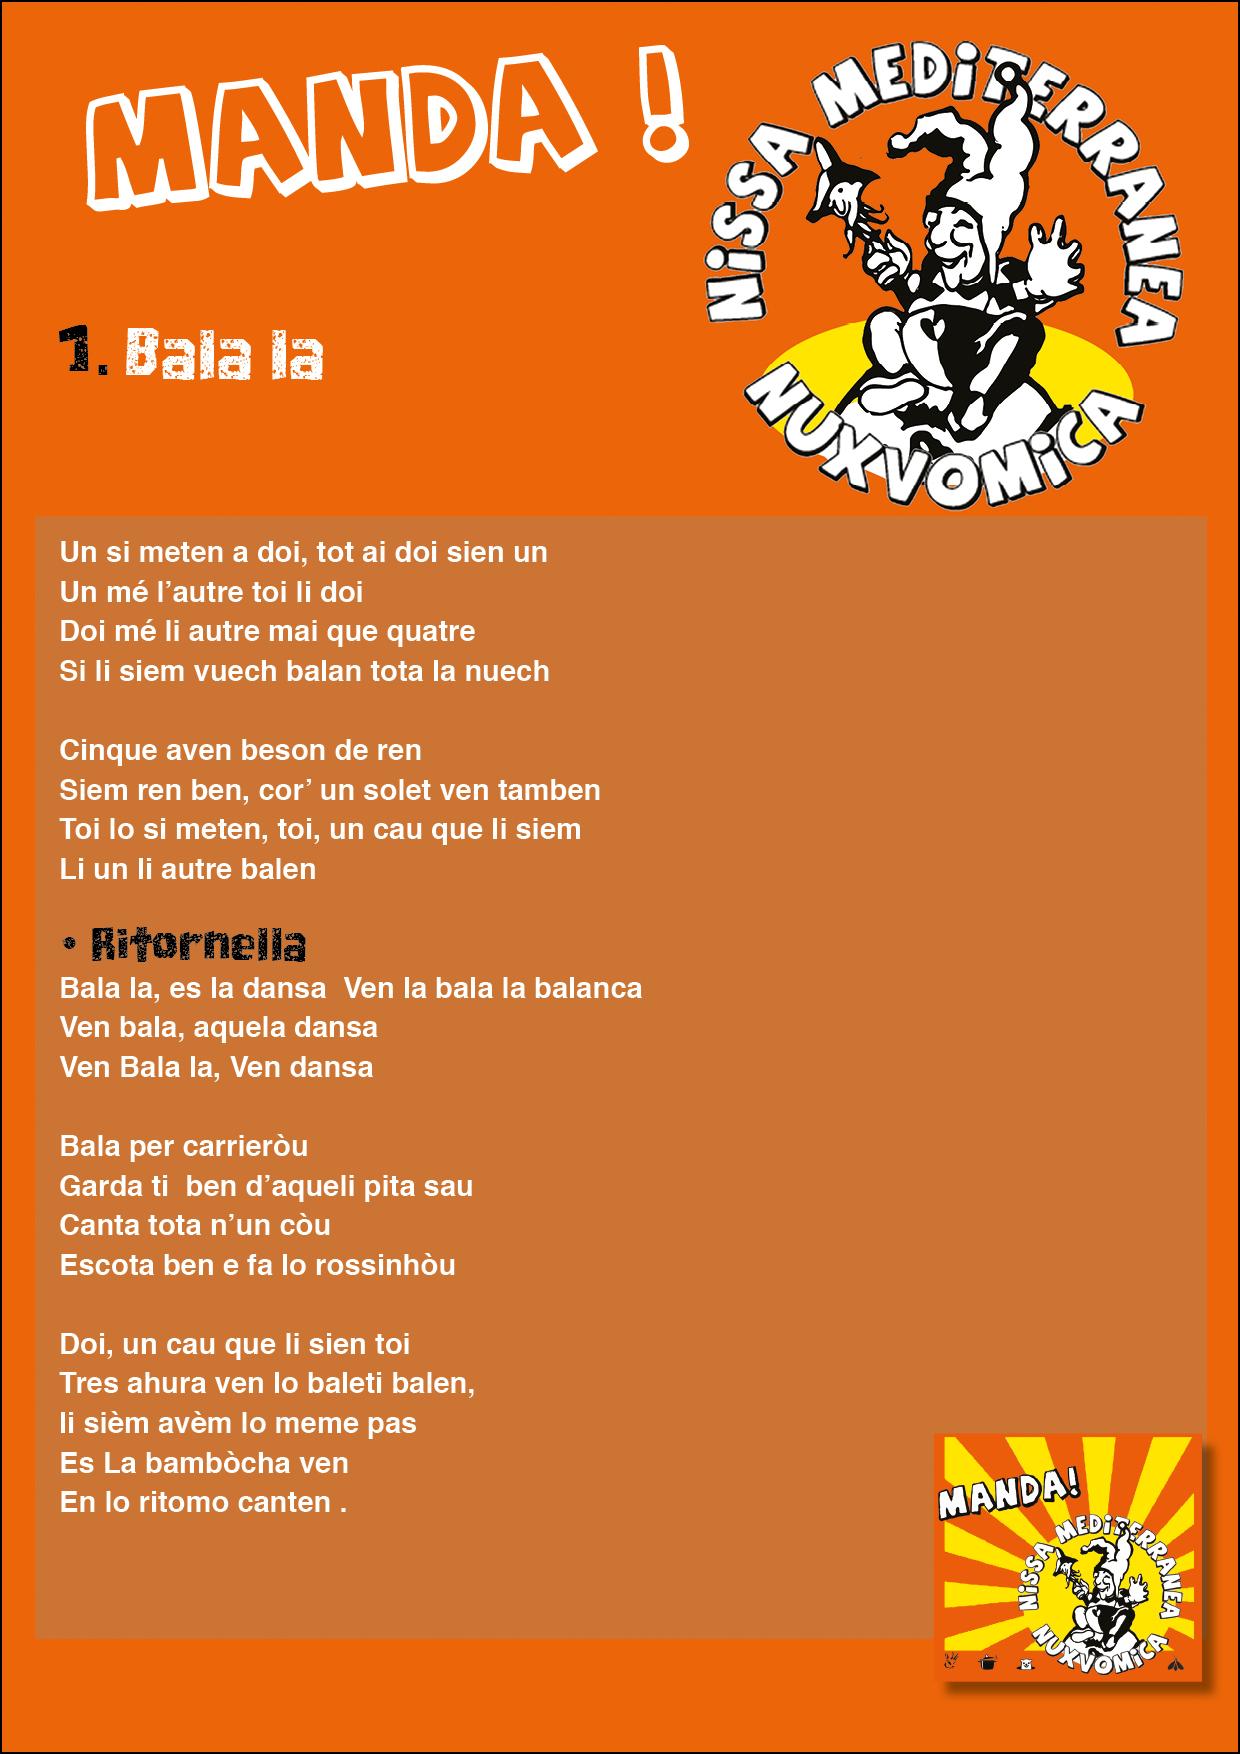 canson manda sito 1  Bala la